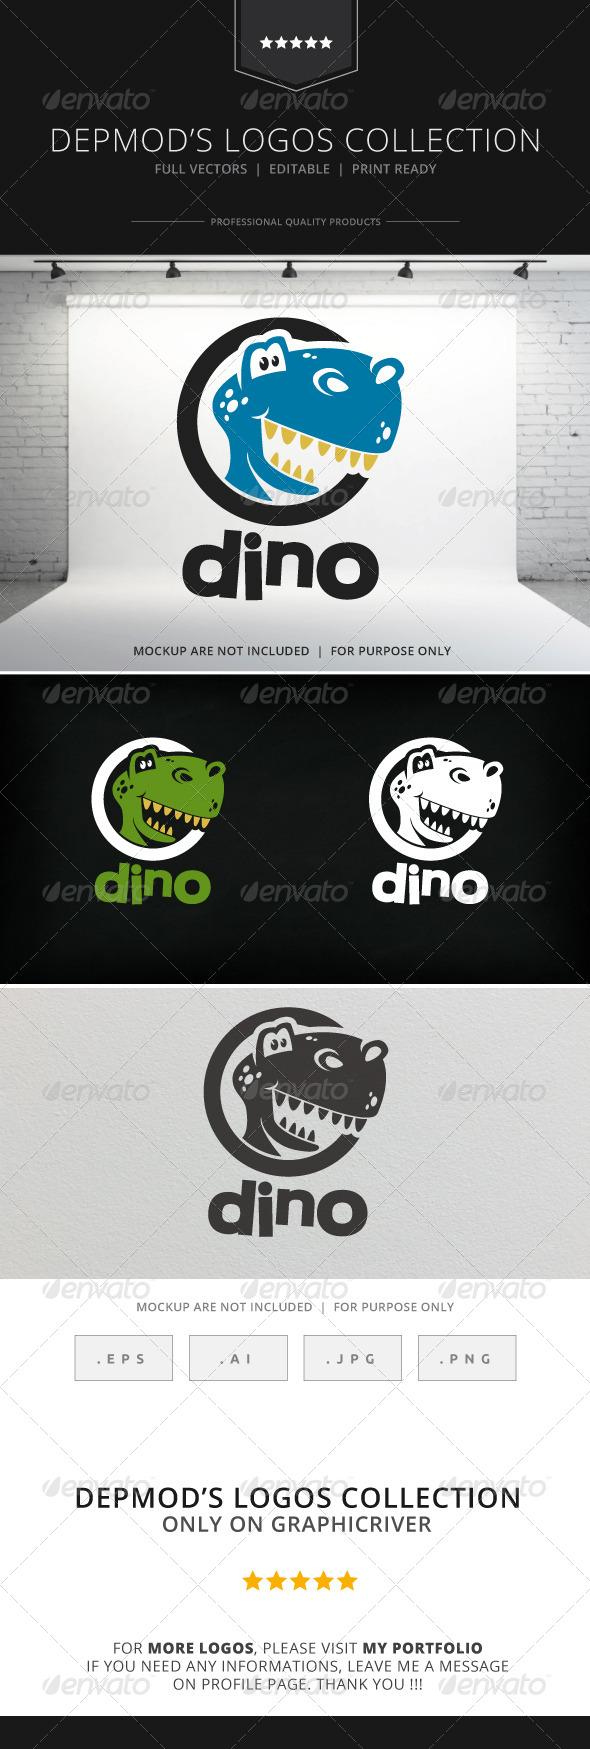 GraphicRiver Dino Logo 8586091